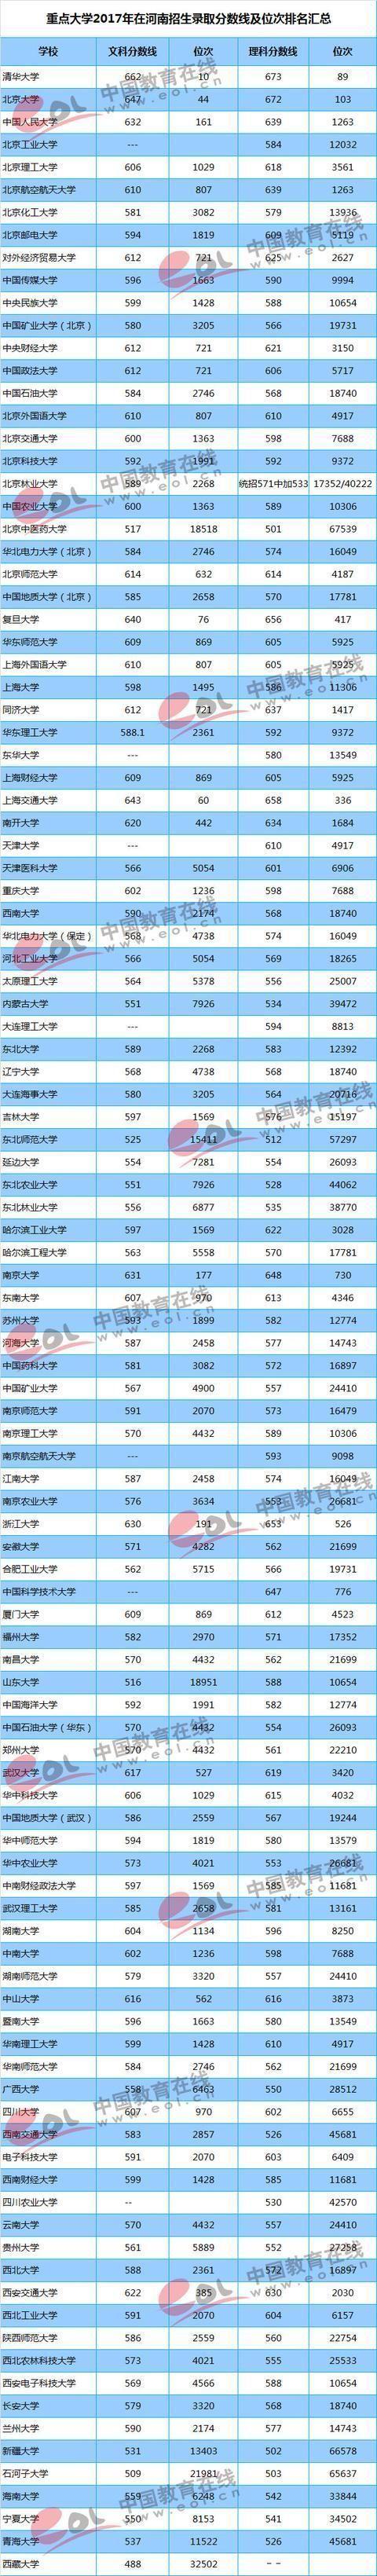 江苏省属重点大学_上海有哪些重点大学?录取分数多少-大学升学入学院校信息